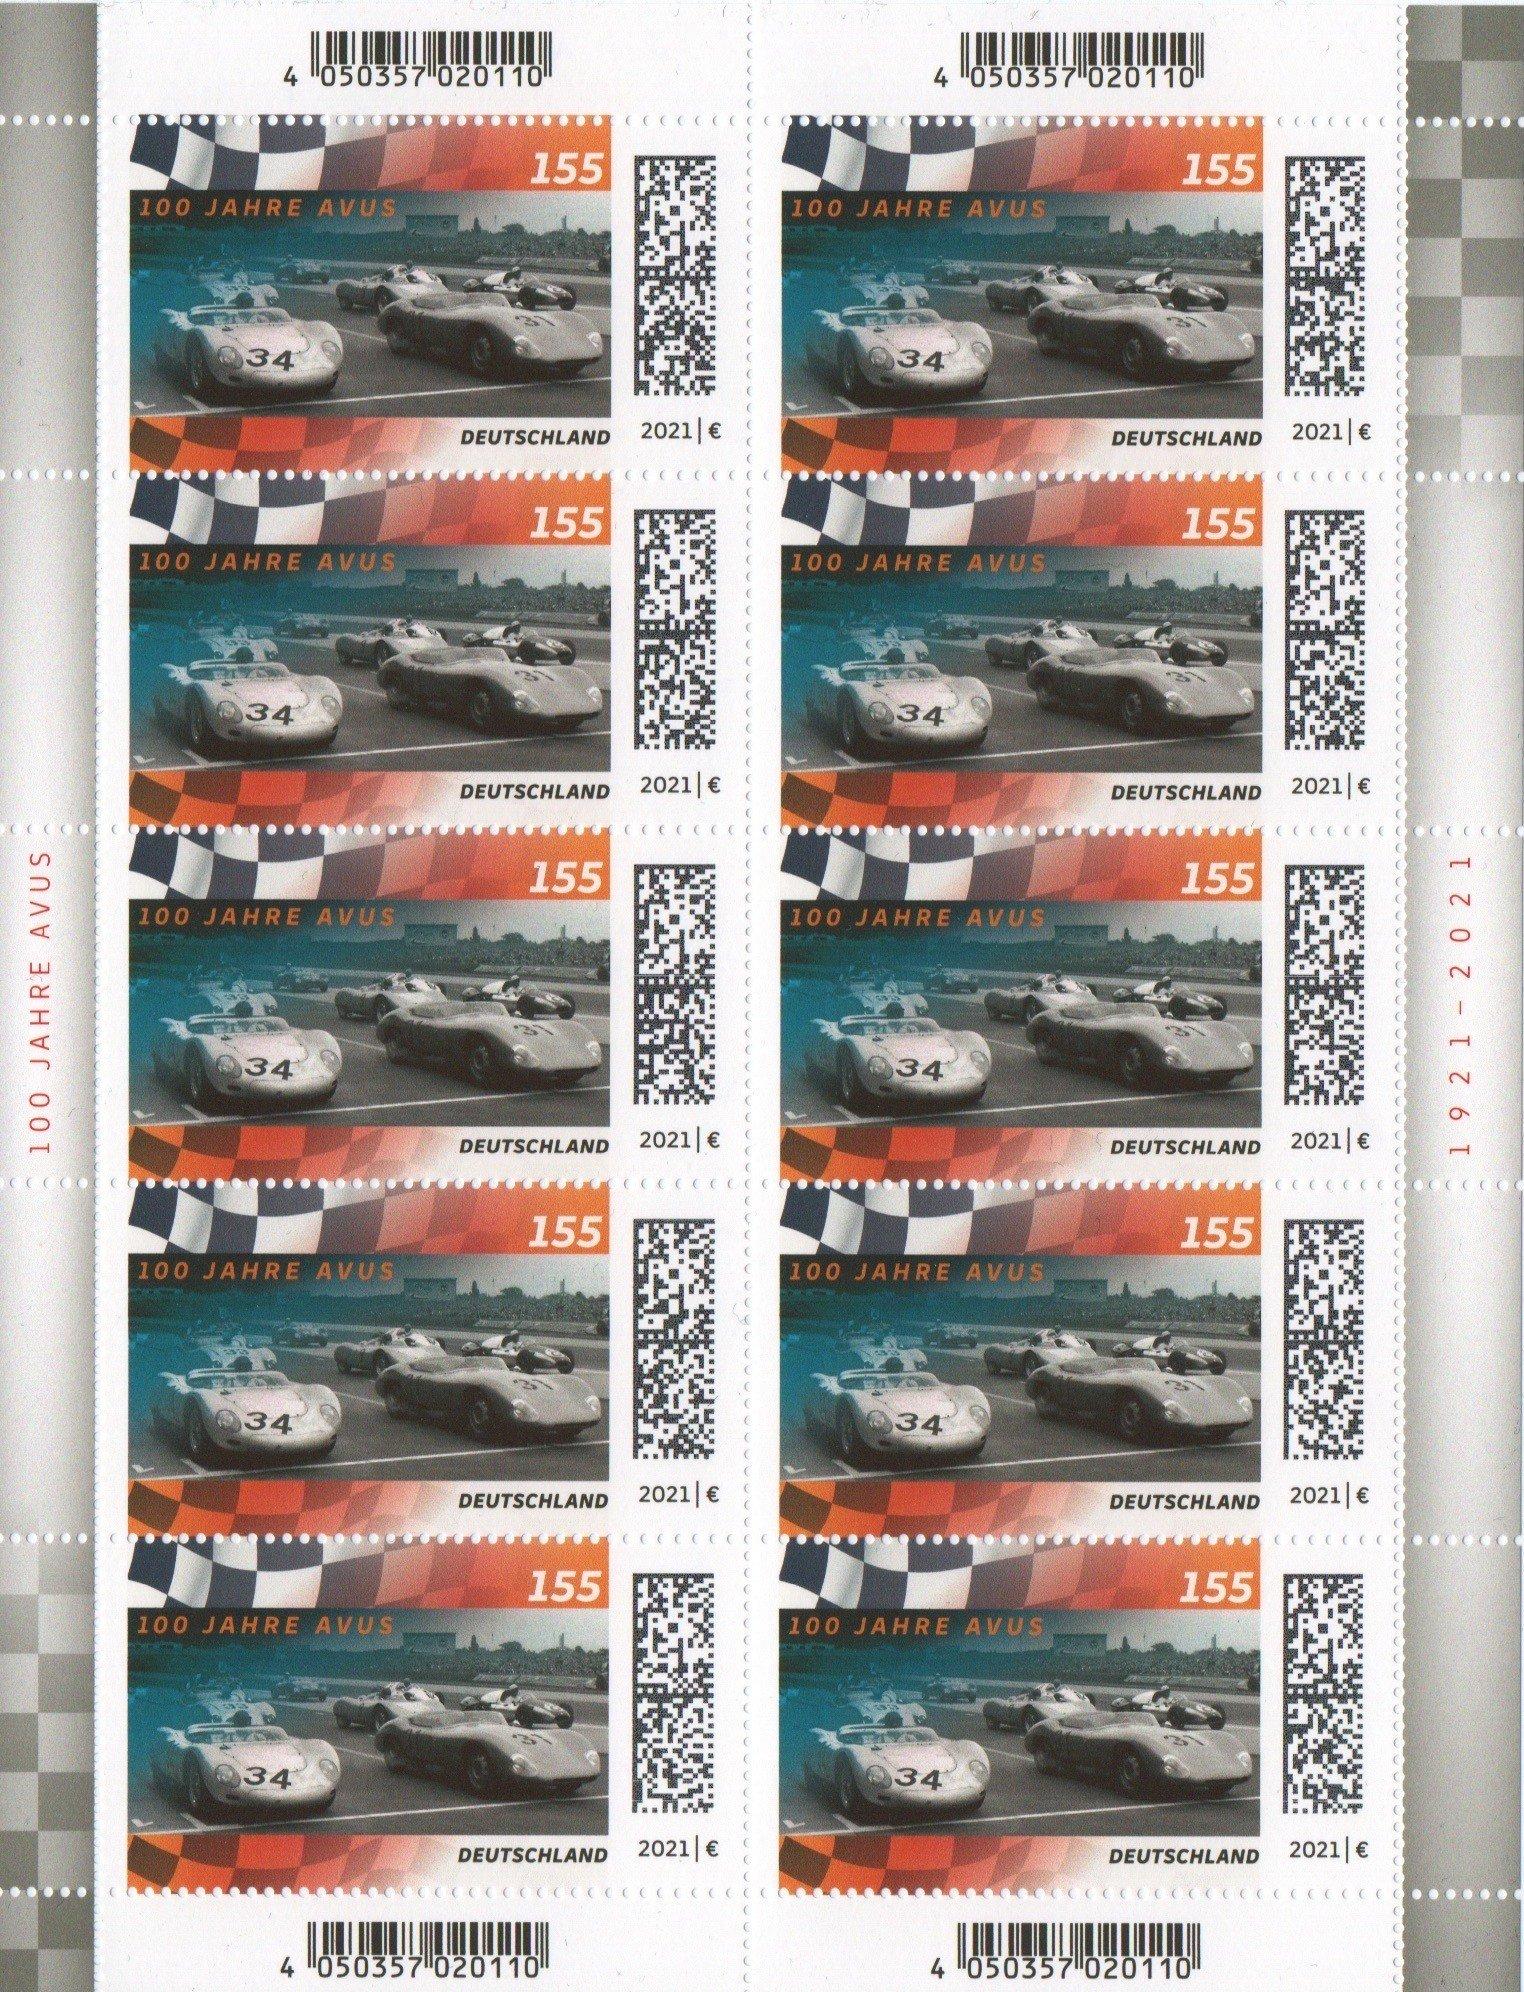 deutsche post 100 jahre avus briefmarke